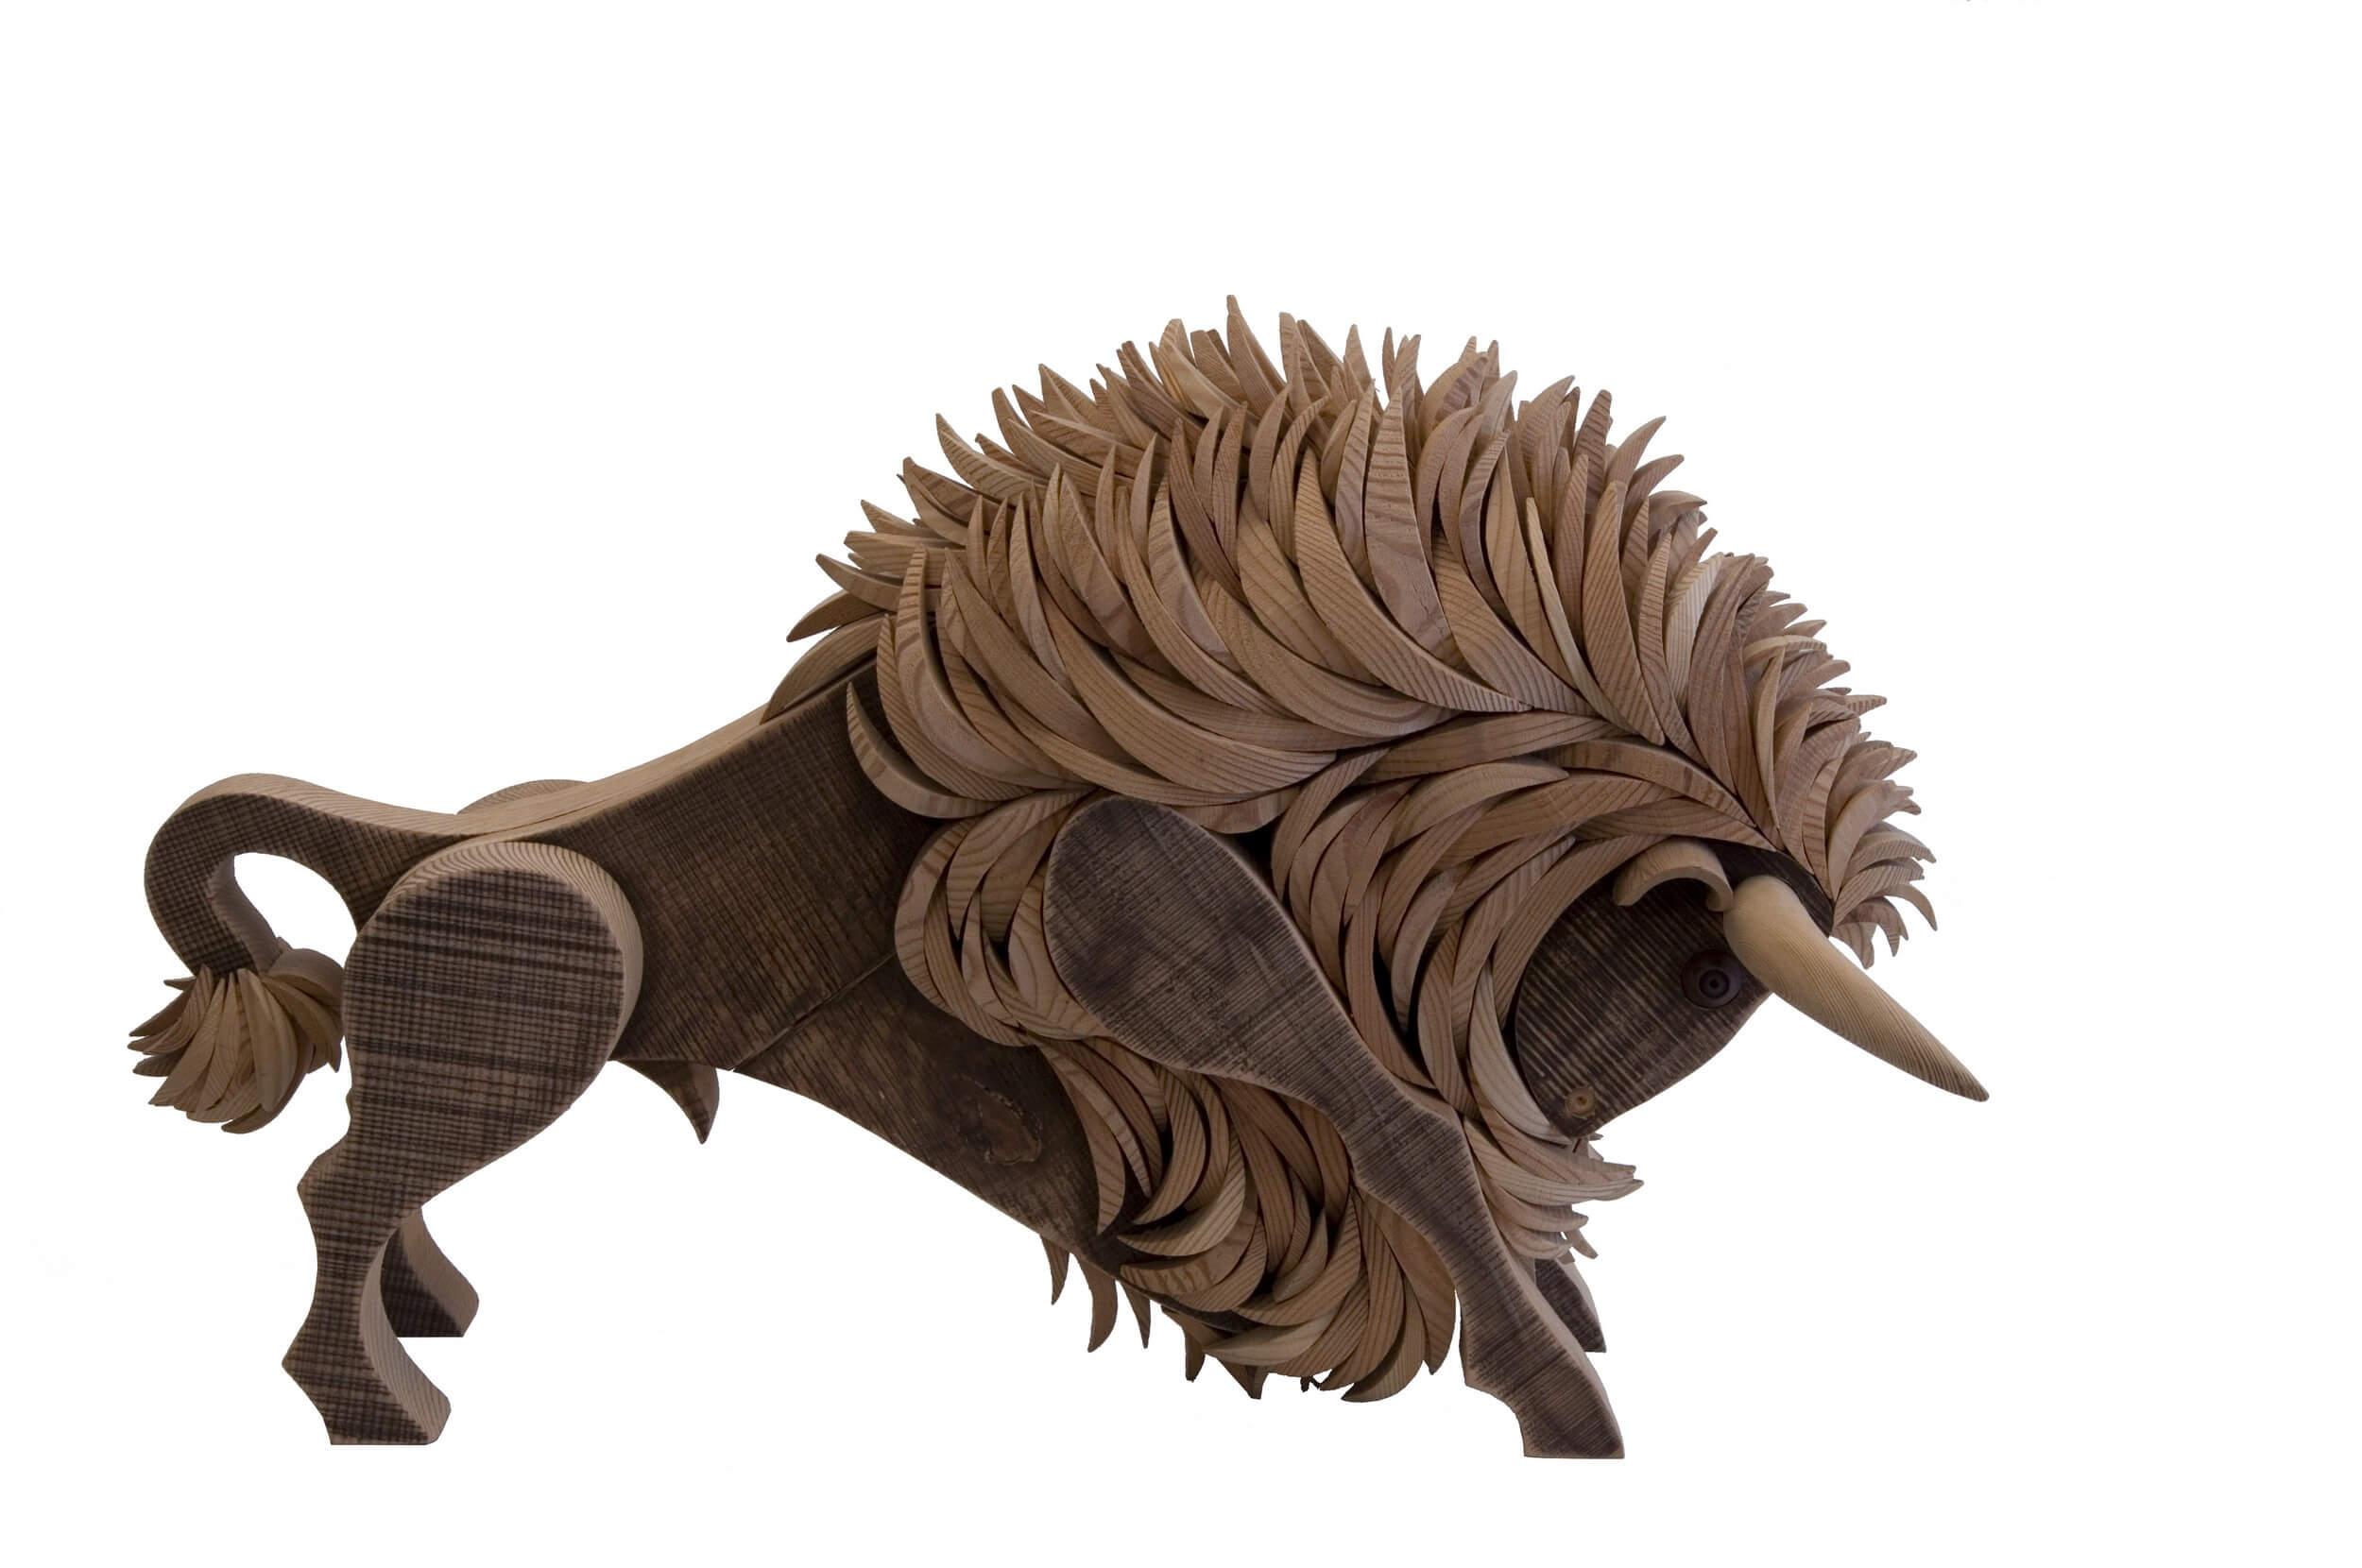 Scultura in legno Bisonte - Dimensione media 60 x 35 x 45  cm (b x p x h)